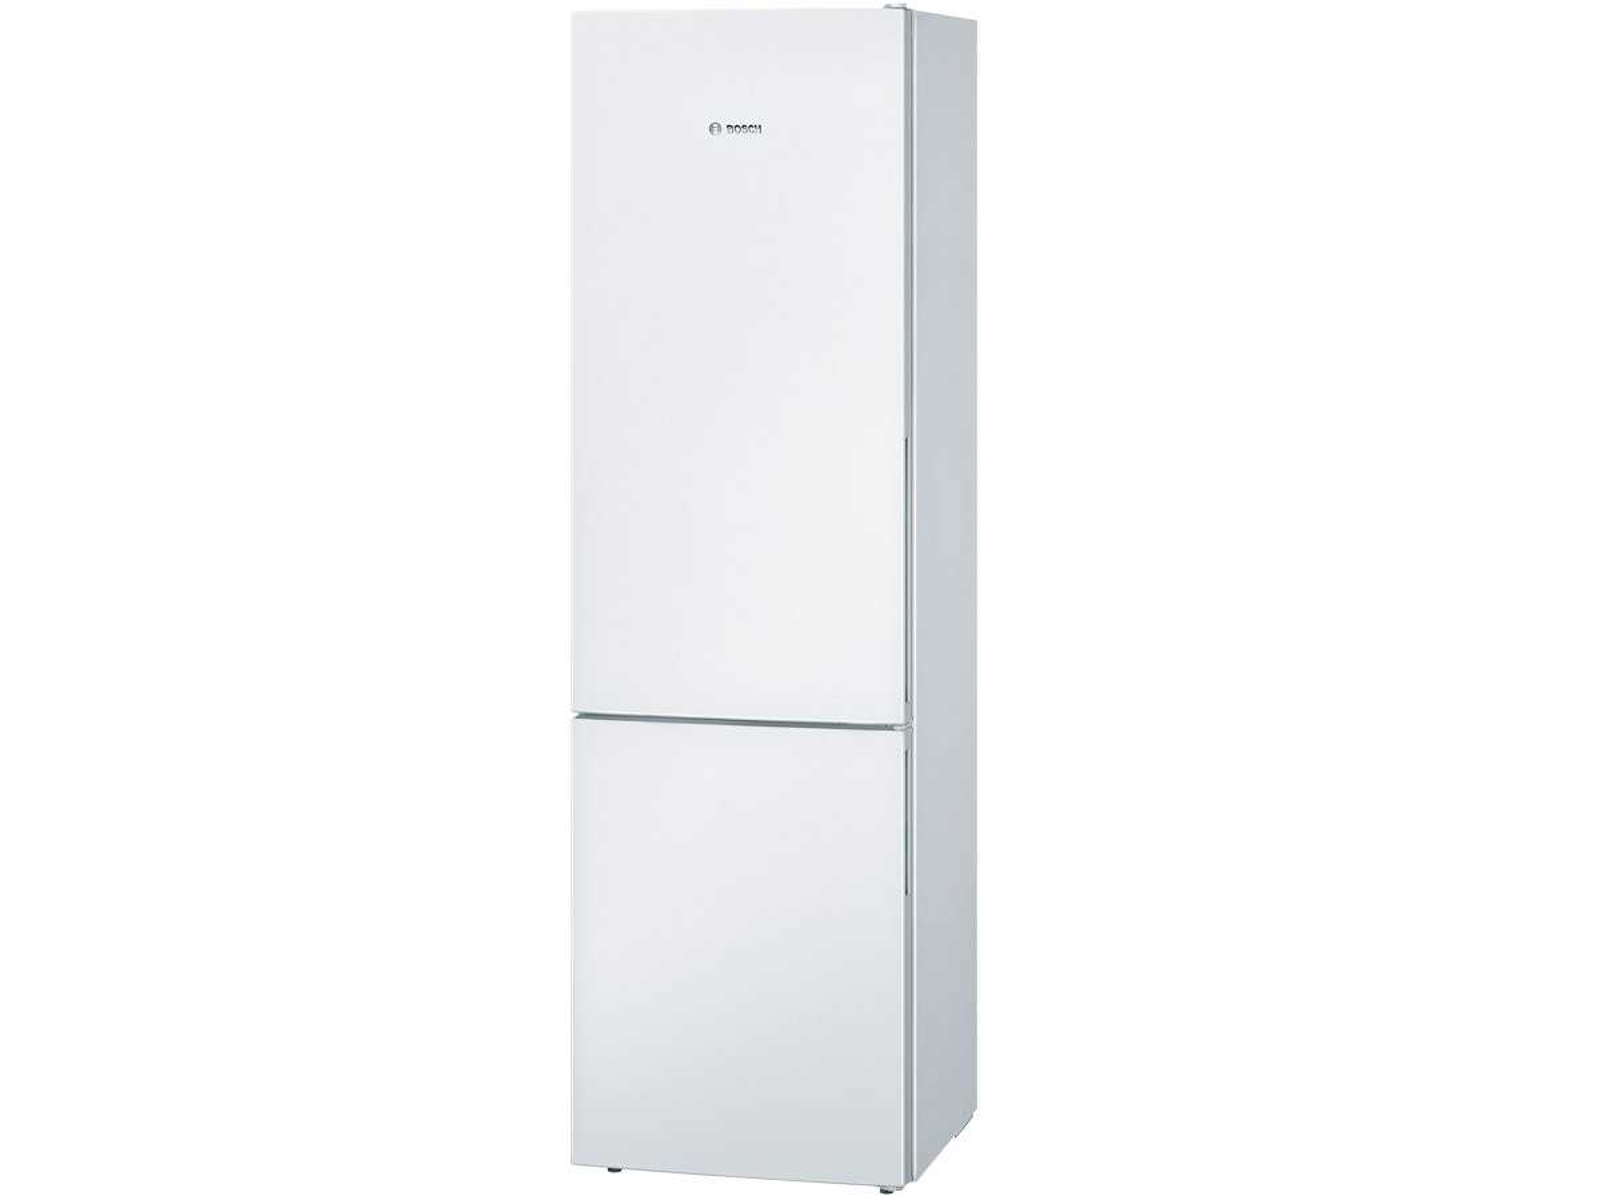 Bosch Kühlschrank Biofresh : Bosch kgv vw kühl gefrierkombination weiß